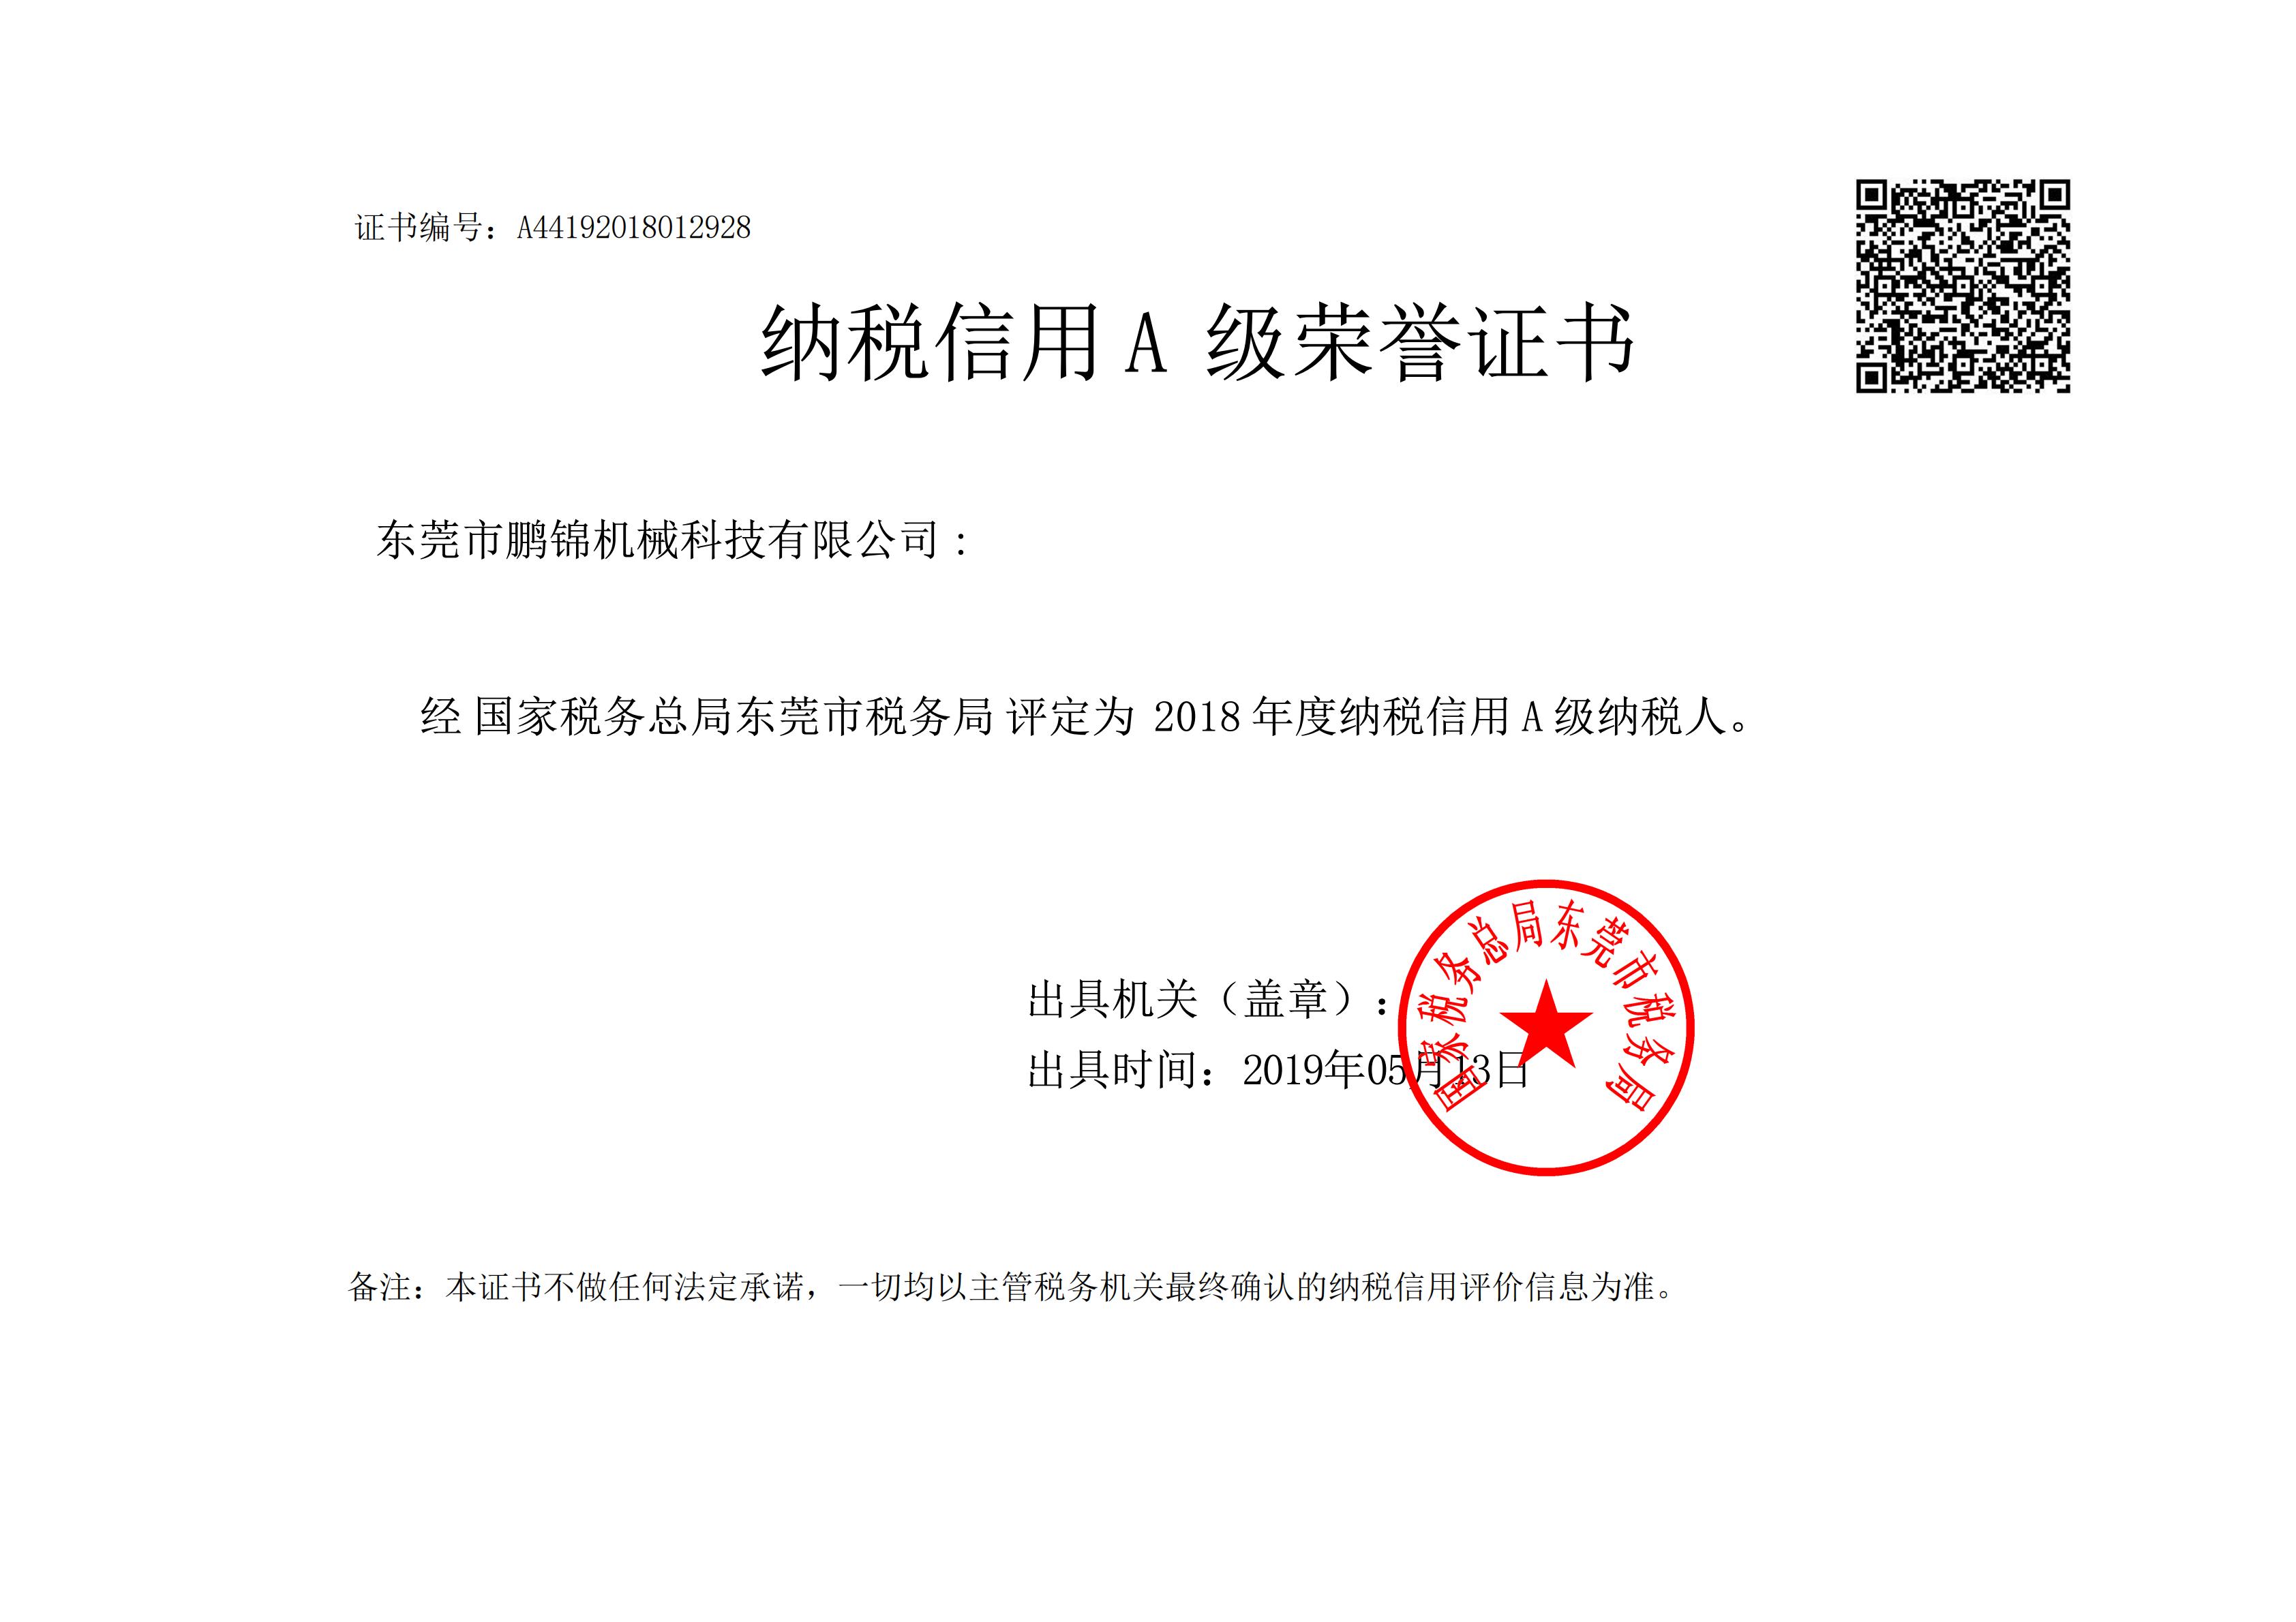 易胜博官网在线鹏锦机械易胜博大小球有限公司荣获2018年纳税A级评级荣誉